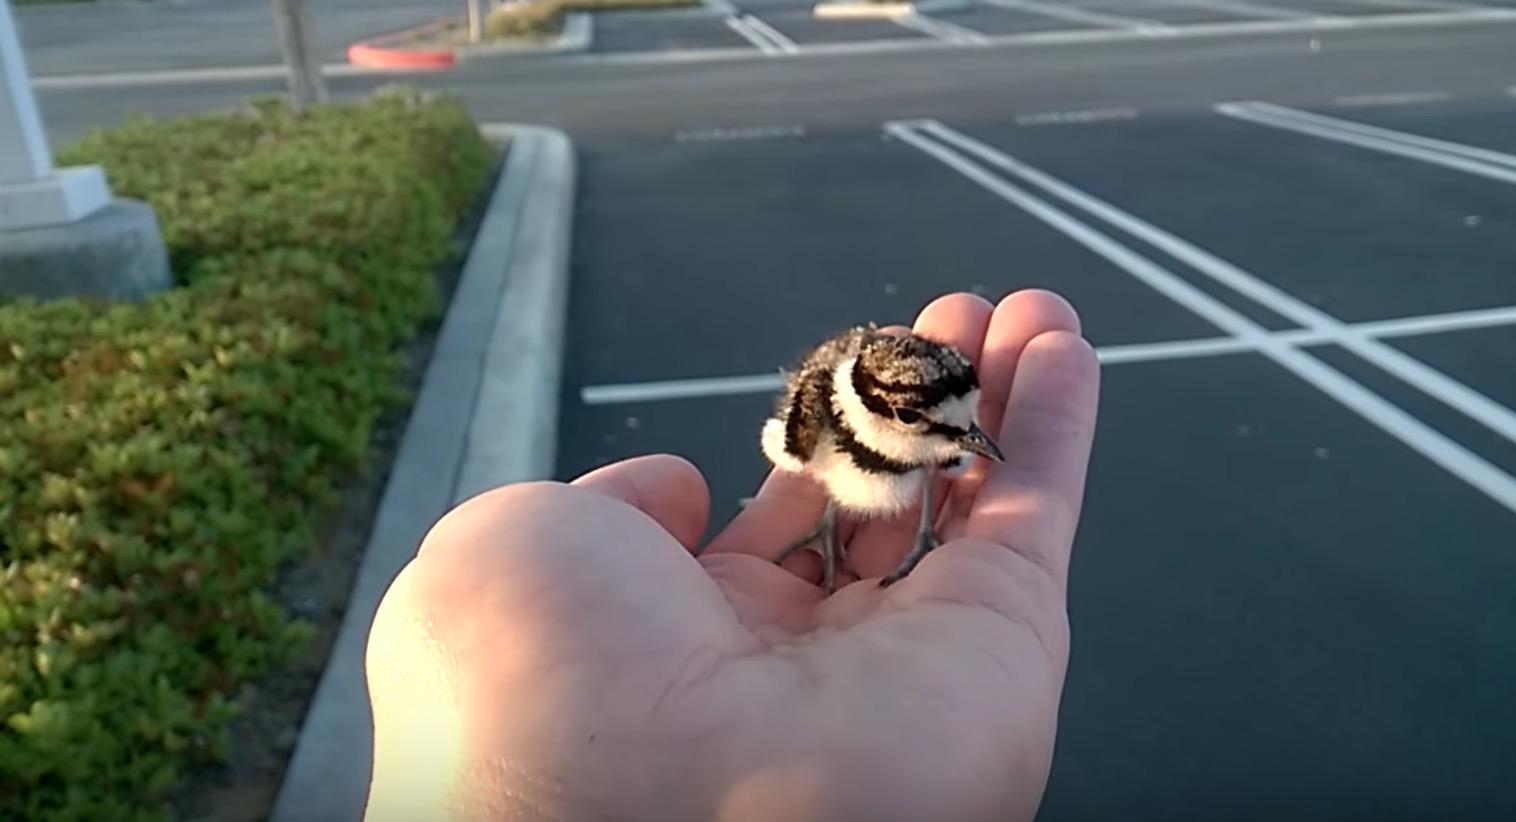 助けた赤ちゃん鳥が両親の元に戻る瞬間。お互い嬉しそうに駆け寄る姿に心打たれる